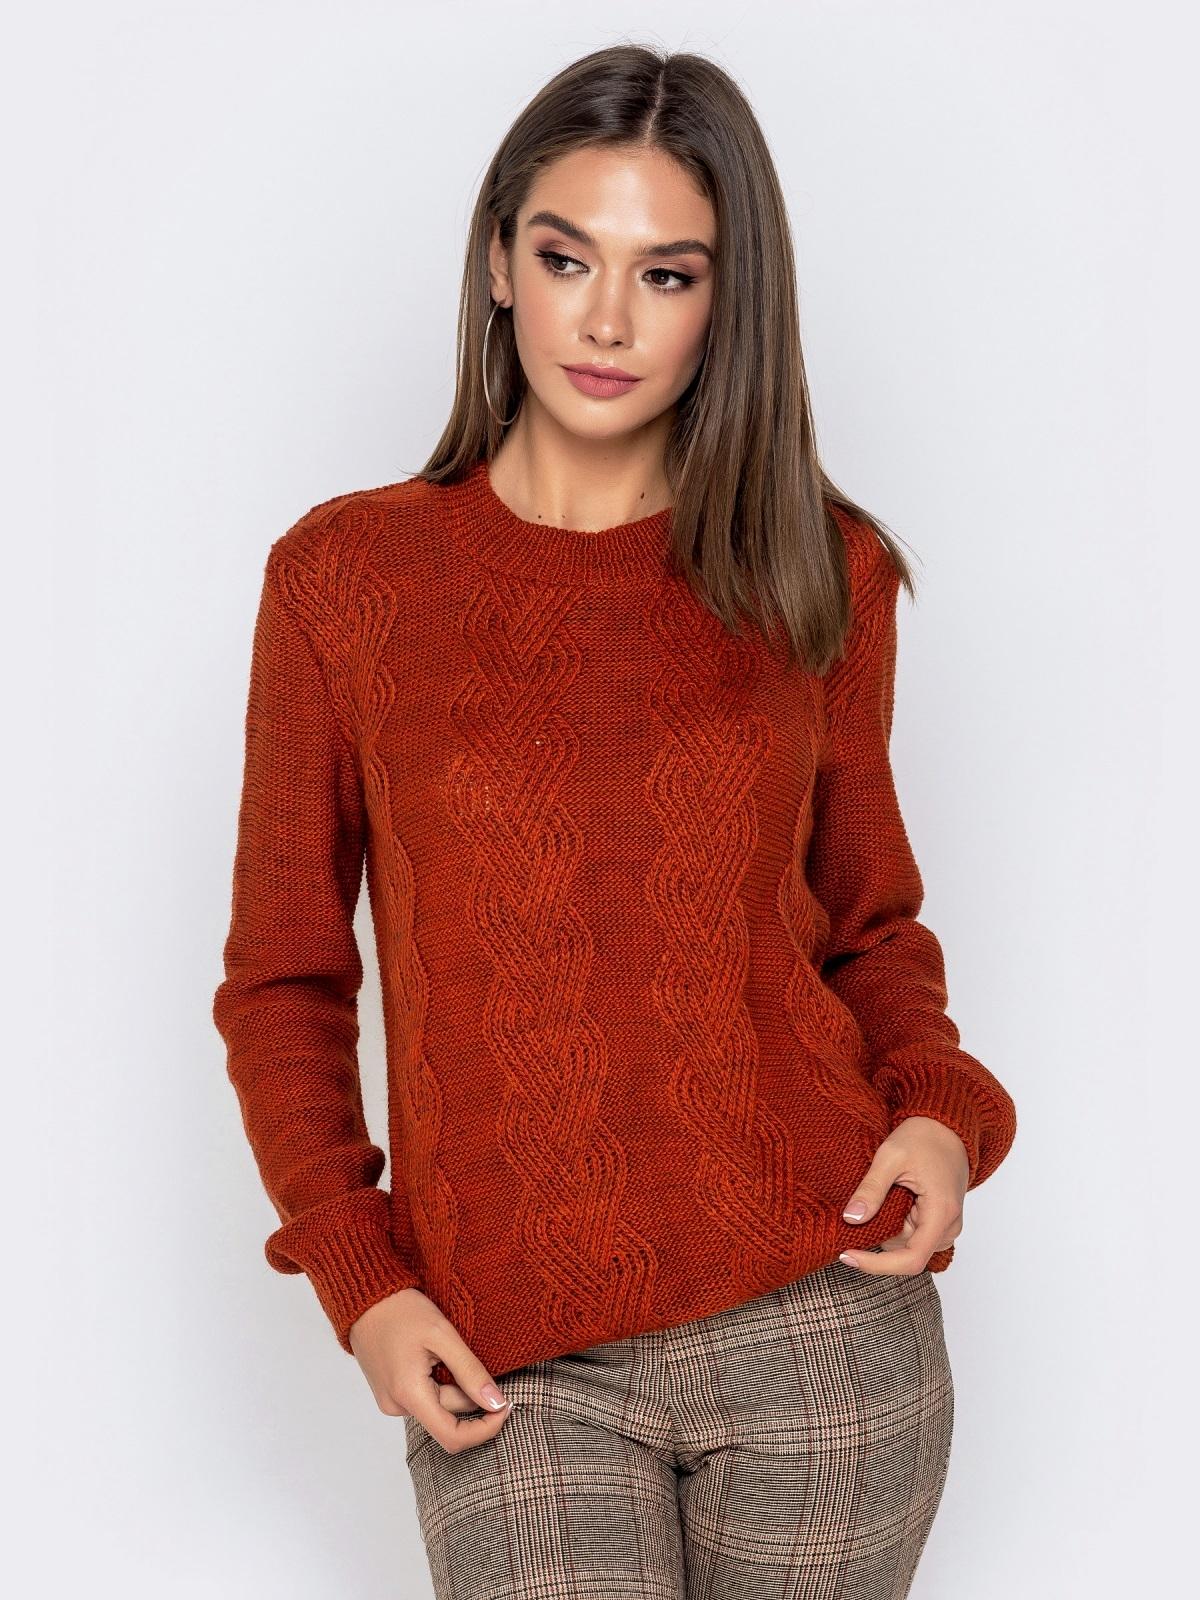 Ажурный свитер с резинкой на манжетах терракотовый - 41173, фото 1 – интернет-магазин Dressa